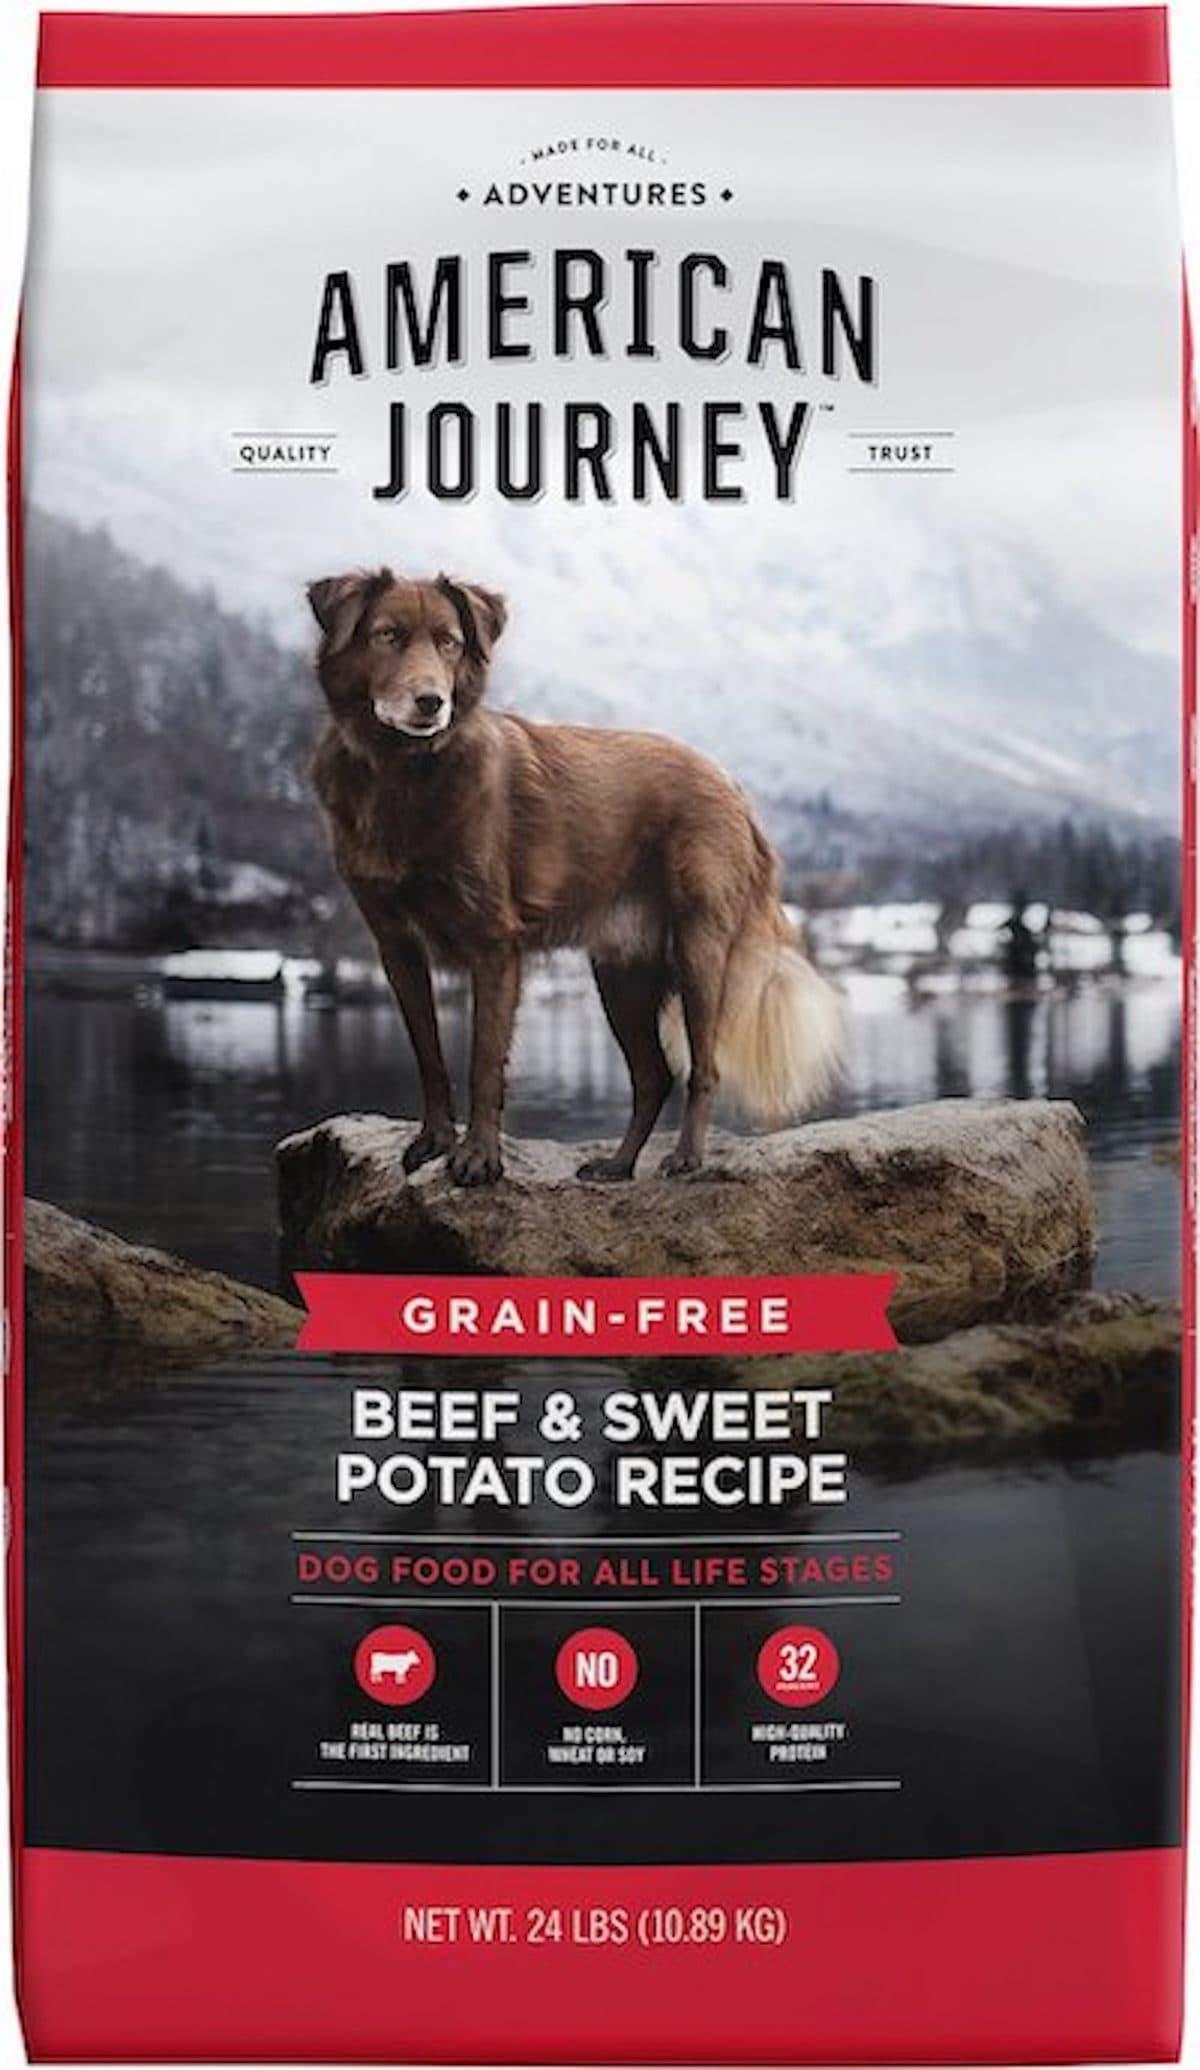 American Journey Beef & Sweet Potato